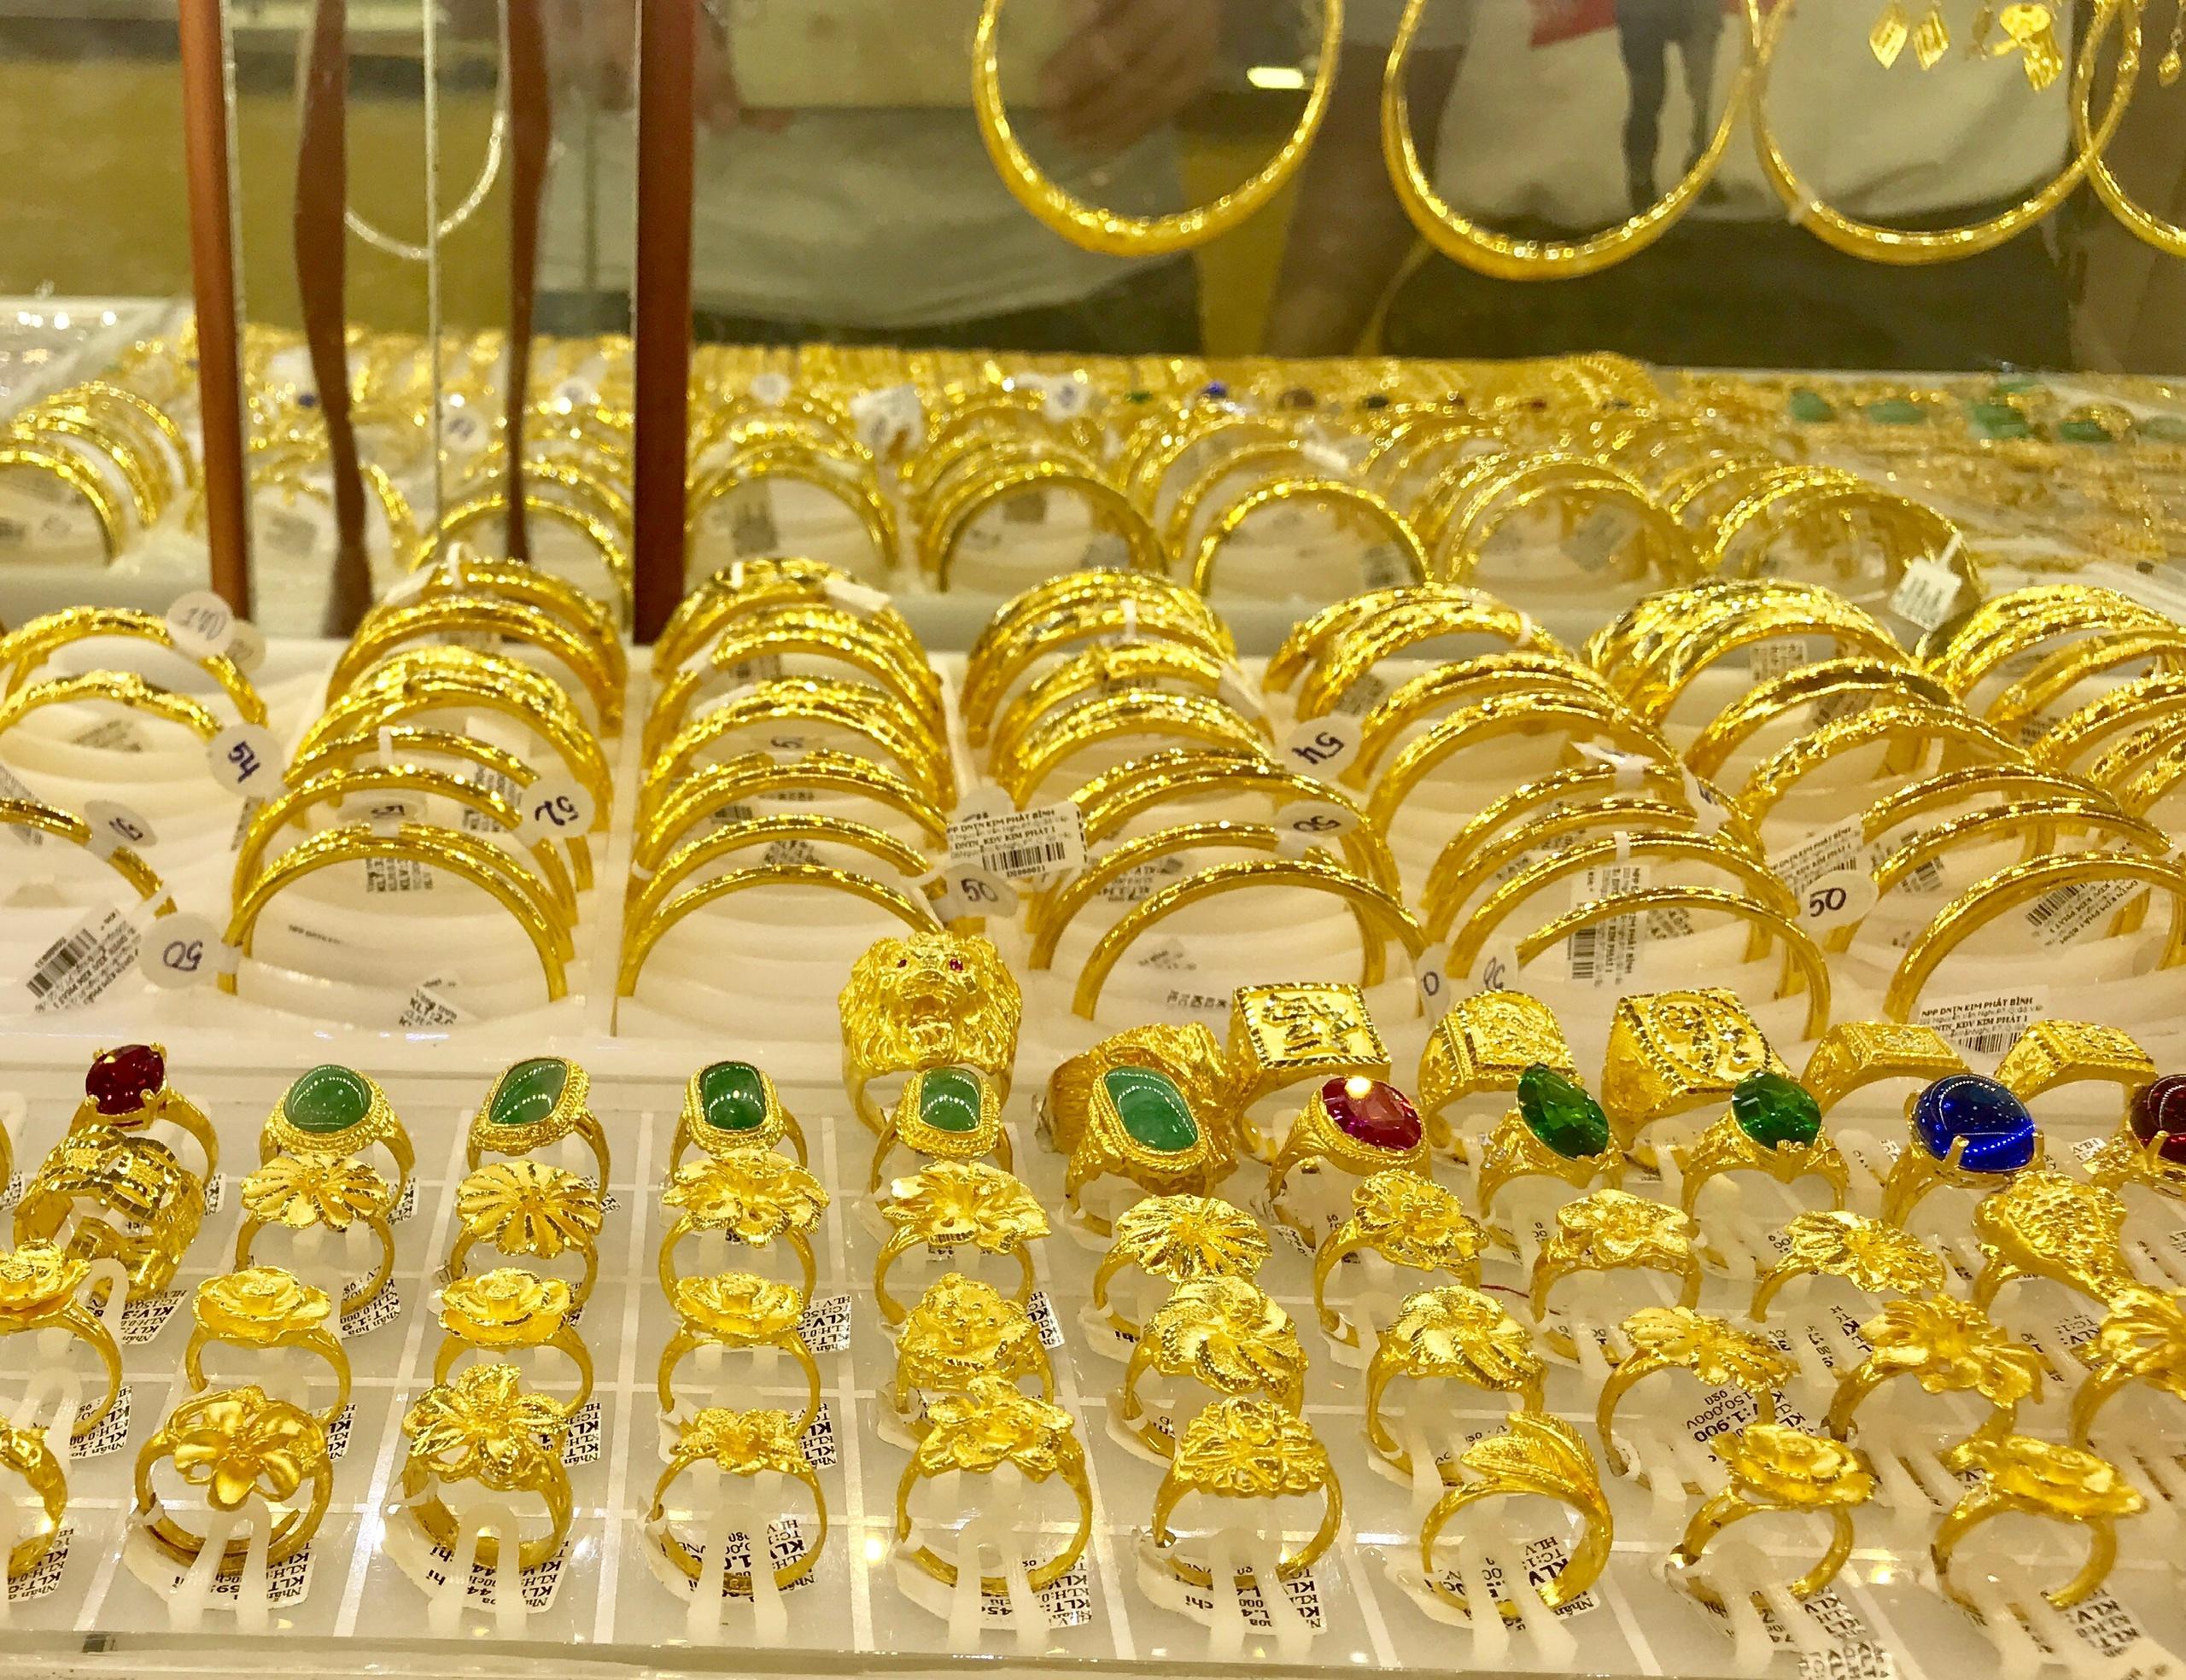 Giá vàng quay về mốc 54 triệu đồng/lượng, chênh lệch mua - bán hơn 4 triệu  - Ảnh 1.